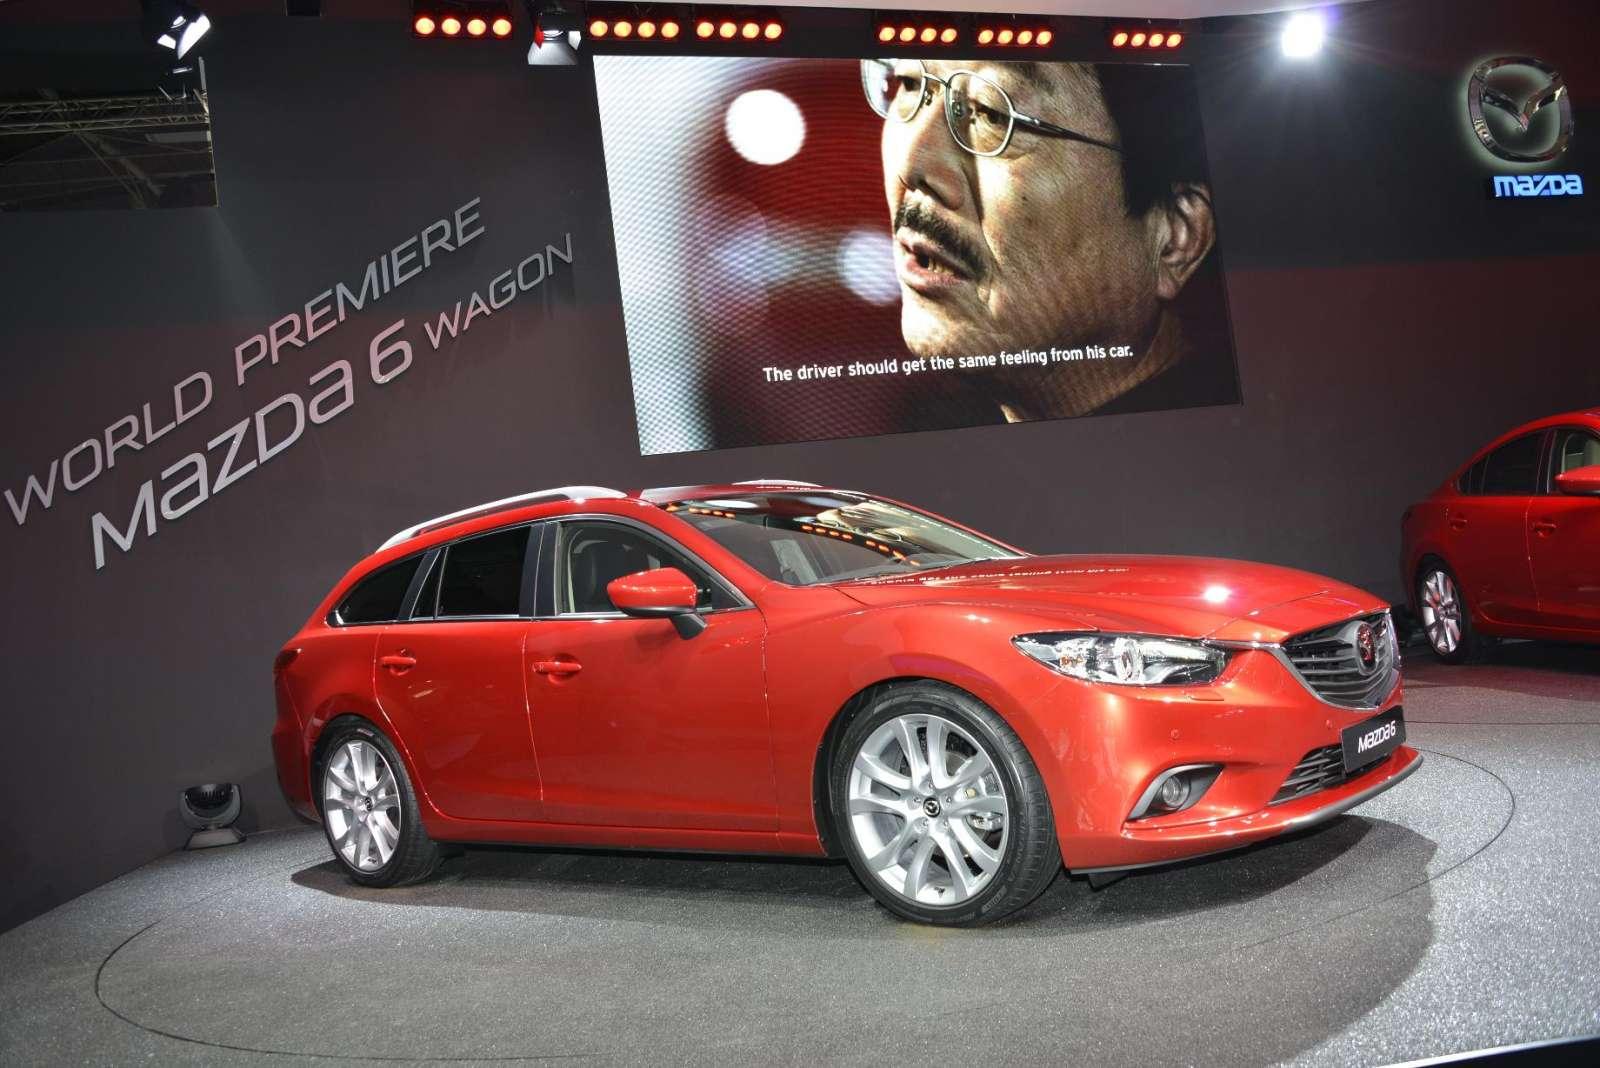 Mazda6 Live in Paris 2012